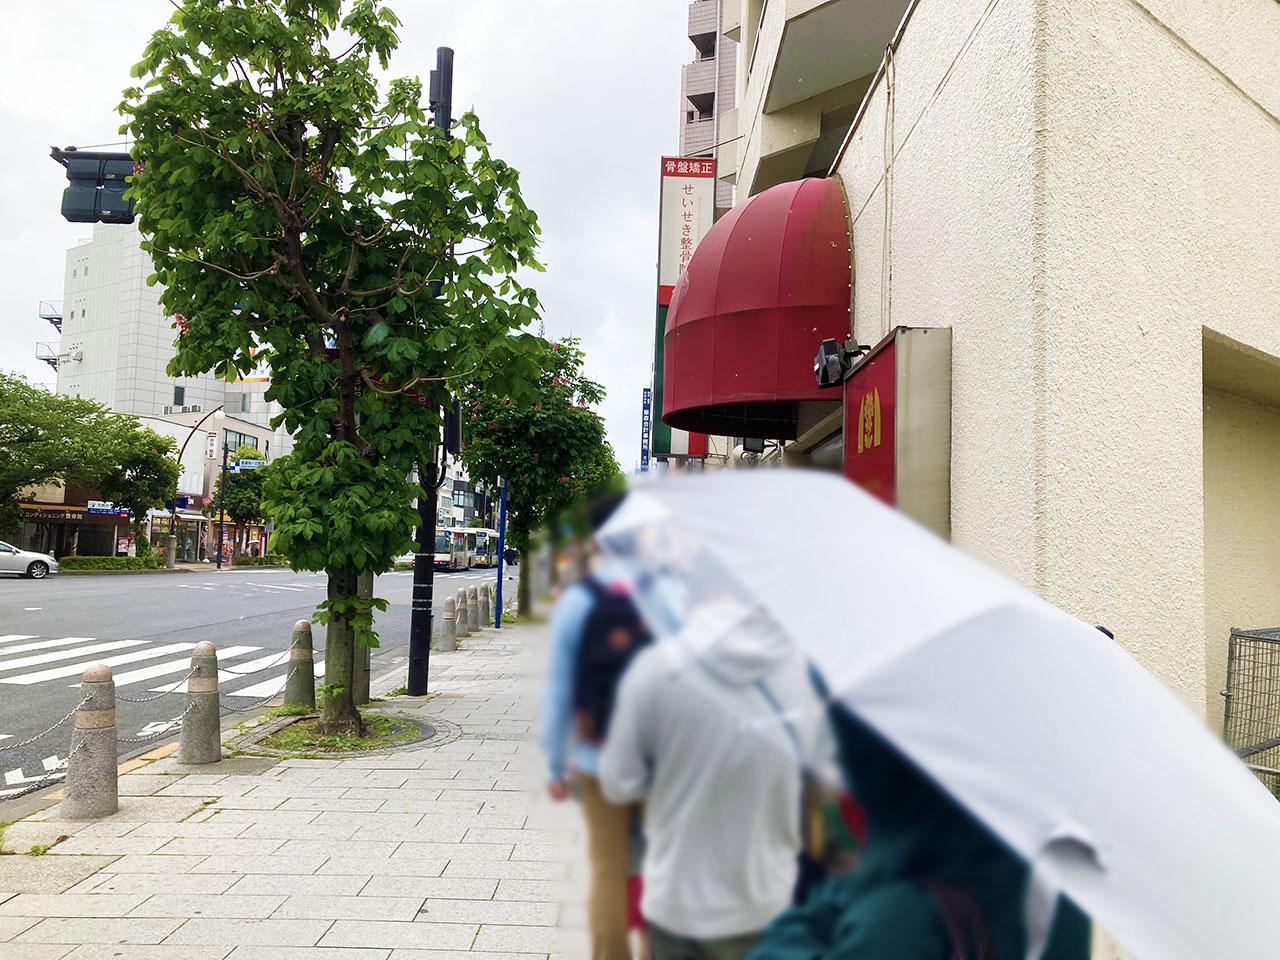 惜しまれつつ閉店へ『プリムヴェール』聖蹟桜ヶ丘で愛された老舗パティスリーでした